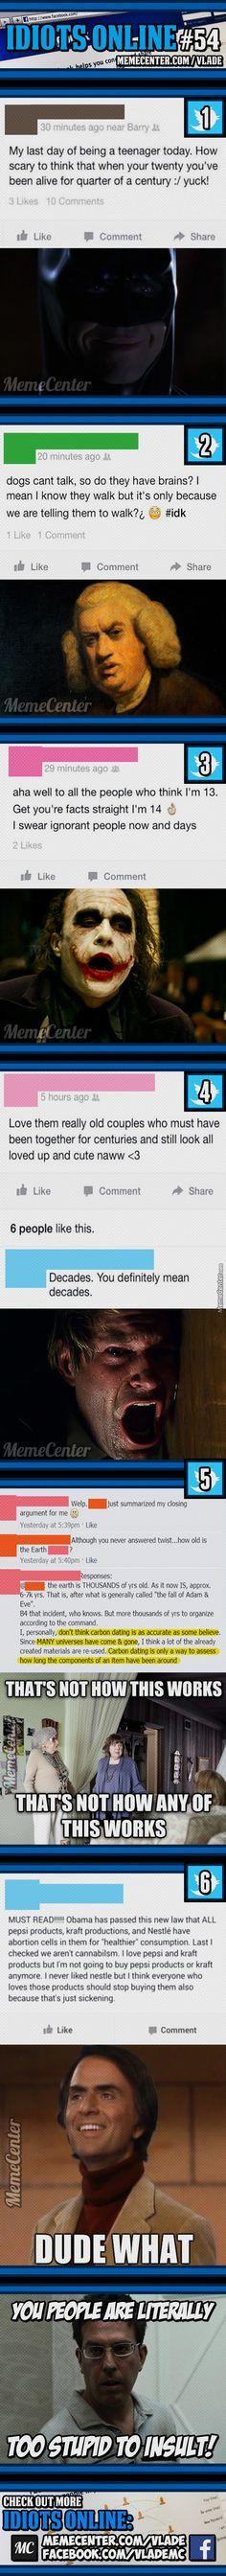 Idiots Online #54     #Meme #FunnyMeme